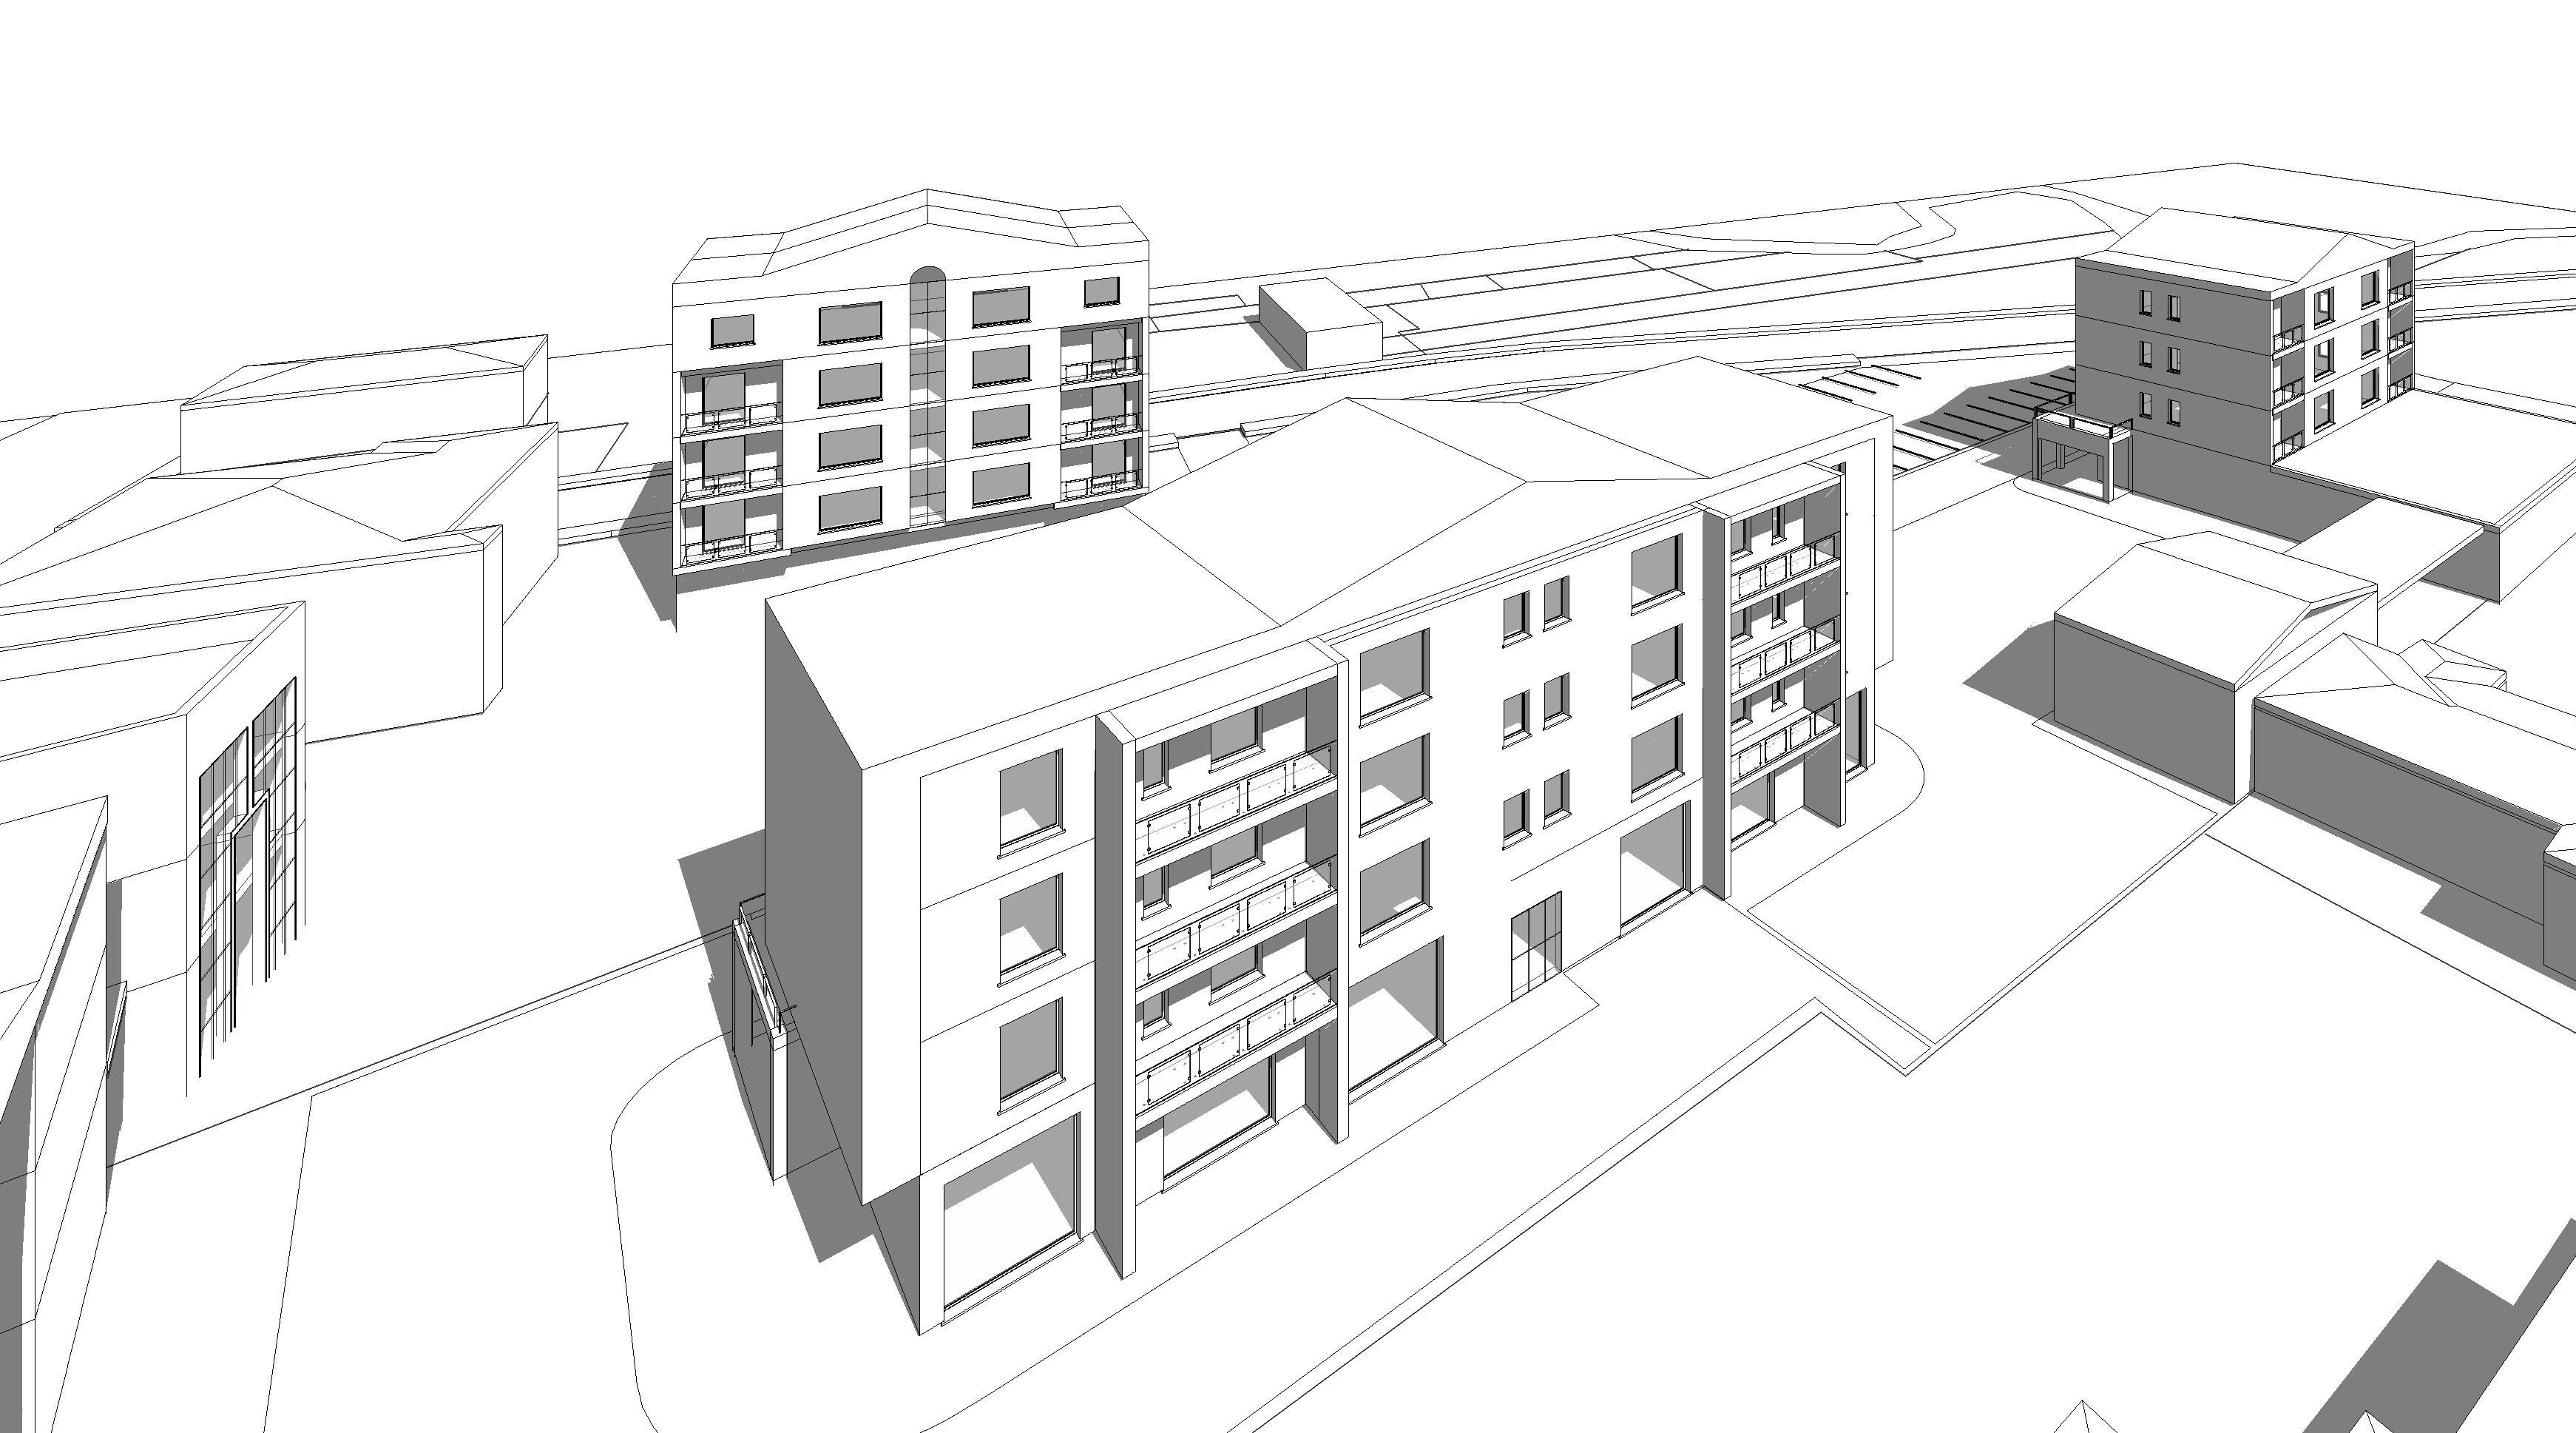 Studio di architettura architetto mauro regolo for Architetti studi architettura brescia